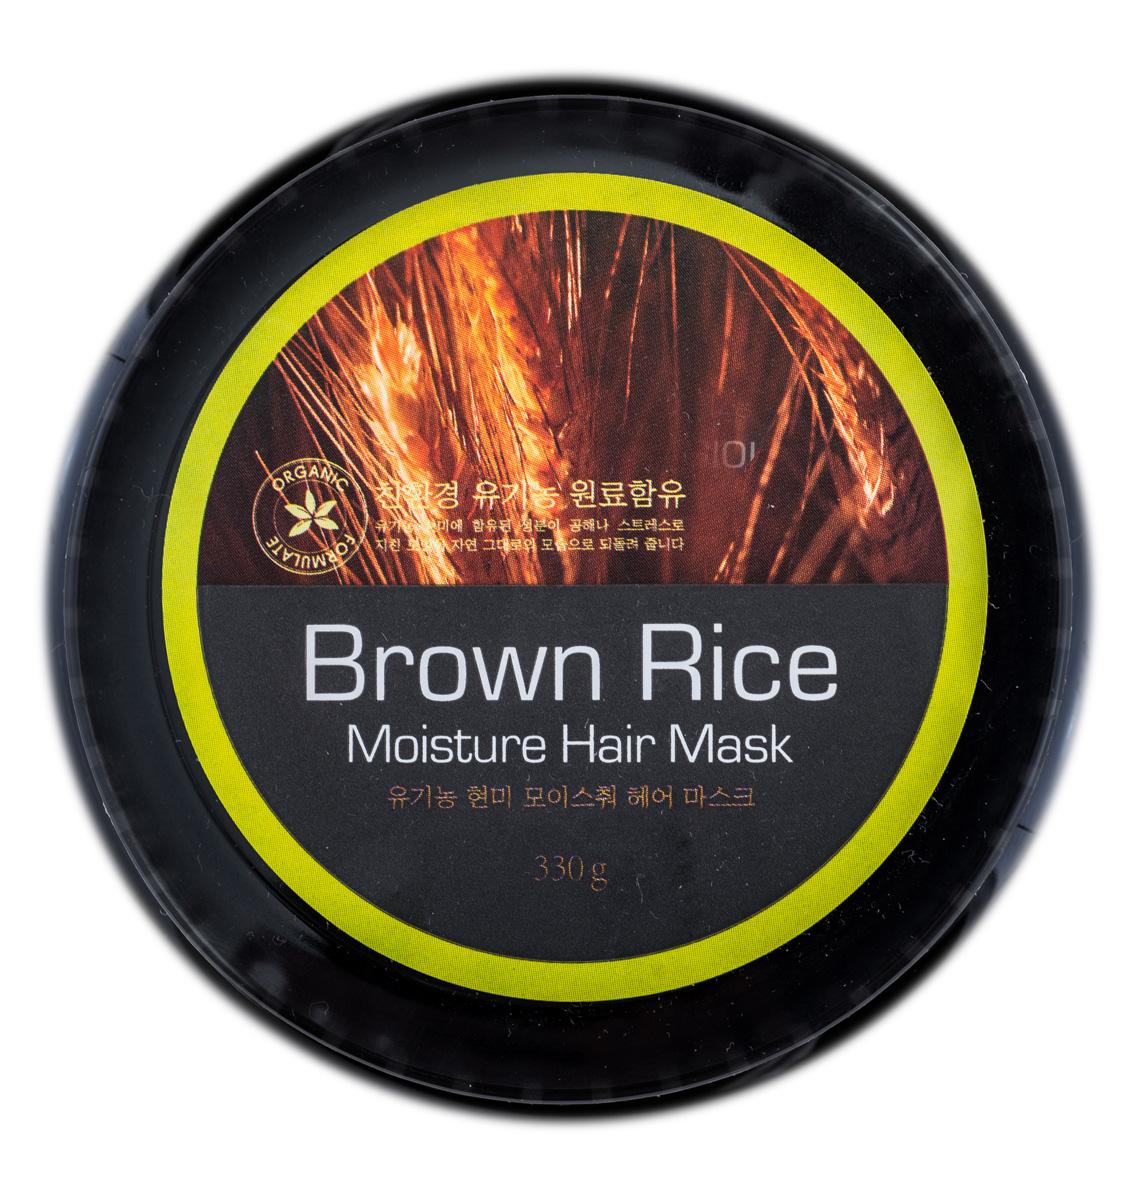 Brown Rice Маска увлажняющая Hyssop Moisture Hair Mask, 330 мл8809038599928Экстракты натурального шелка и органические ингредиенты защищают волосы от вредного воздействия окружающей среды, делая их мягкими и сияющими. Экстракт темного риса омолаживает волосы, улучщает метаболизм и циркуляцию крови, предотвращает выпадение волос. Увеличивает рост волос, обладает увлажняющим эффектом. Способствует сохранению цвета окрашенных волос. На основе вытяжки коричневого риса и органического экстракта синего зверобоя (hyssop organic extract). Интенсивно питает, увлажняет и защищает волосы от пересыхания и ежедневных стрессов. Восстанавливает структуру волос.